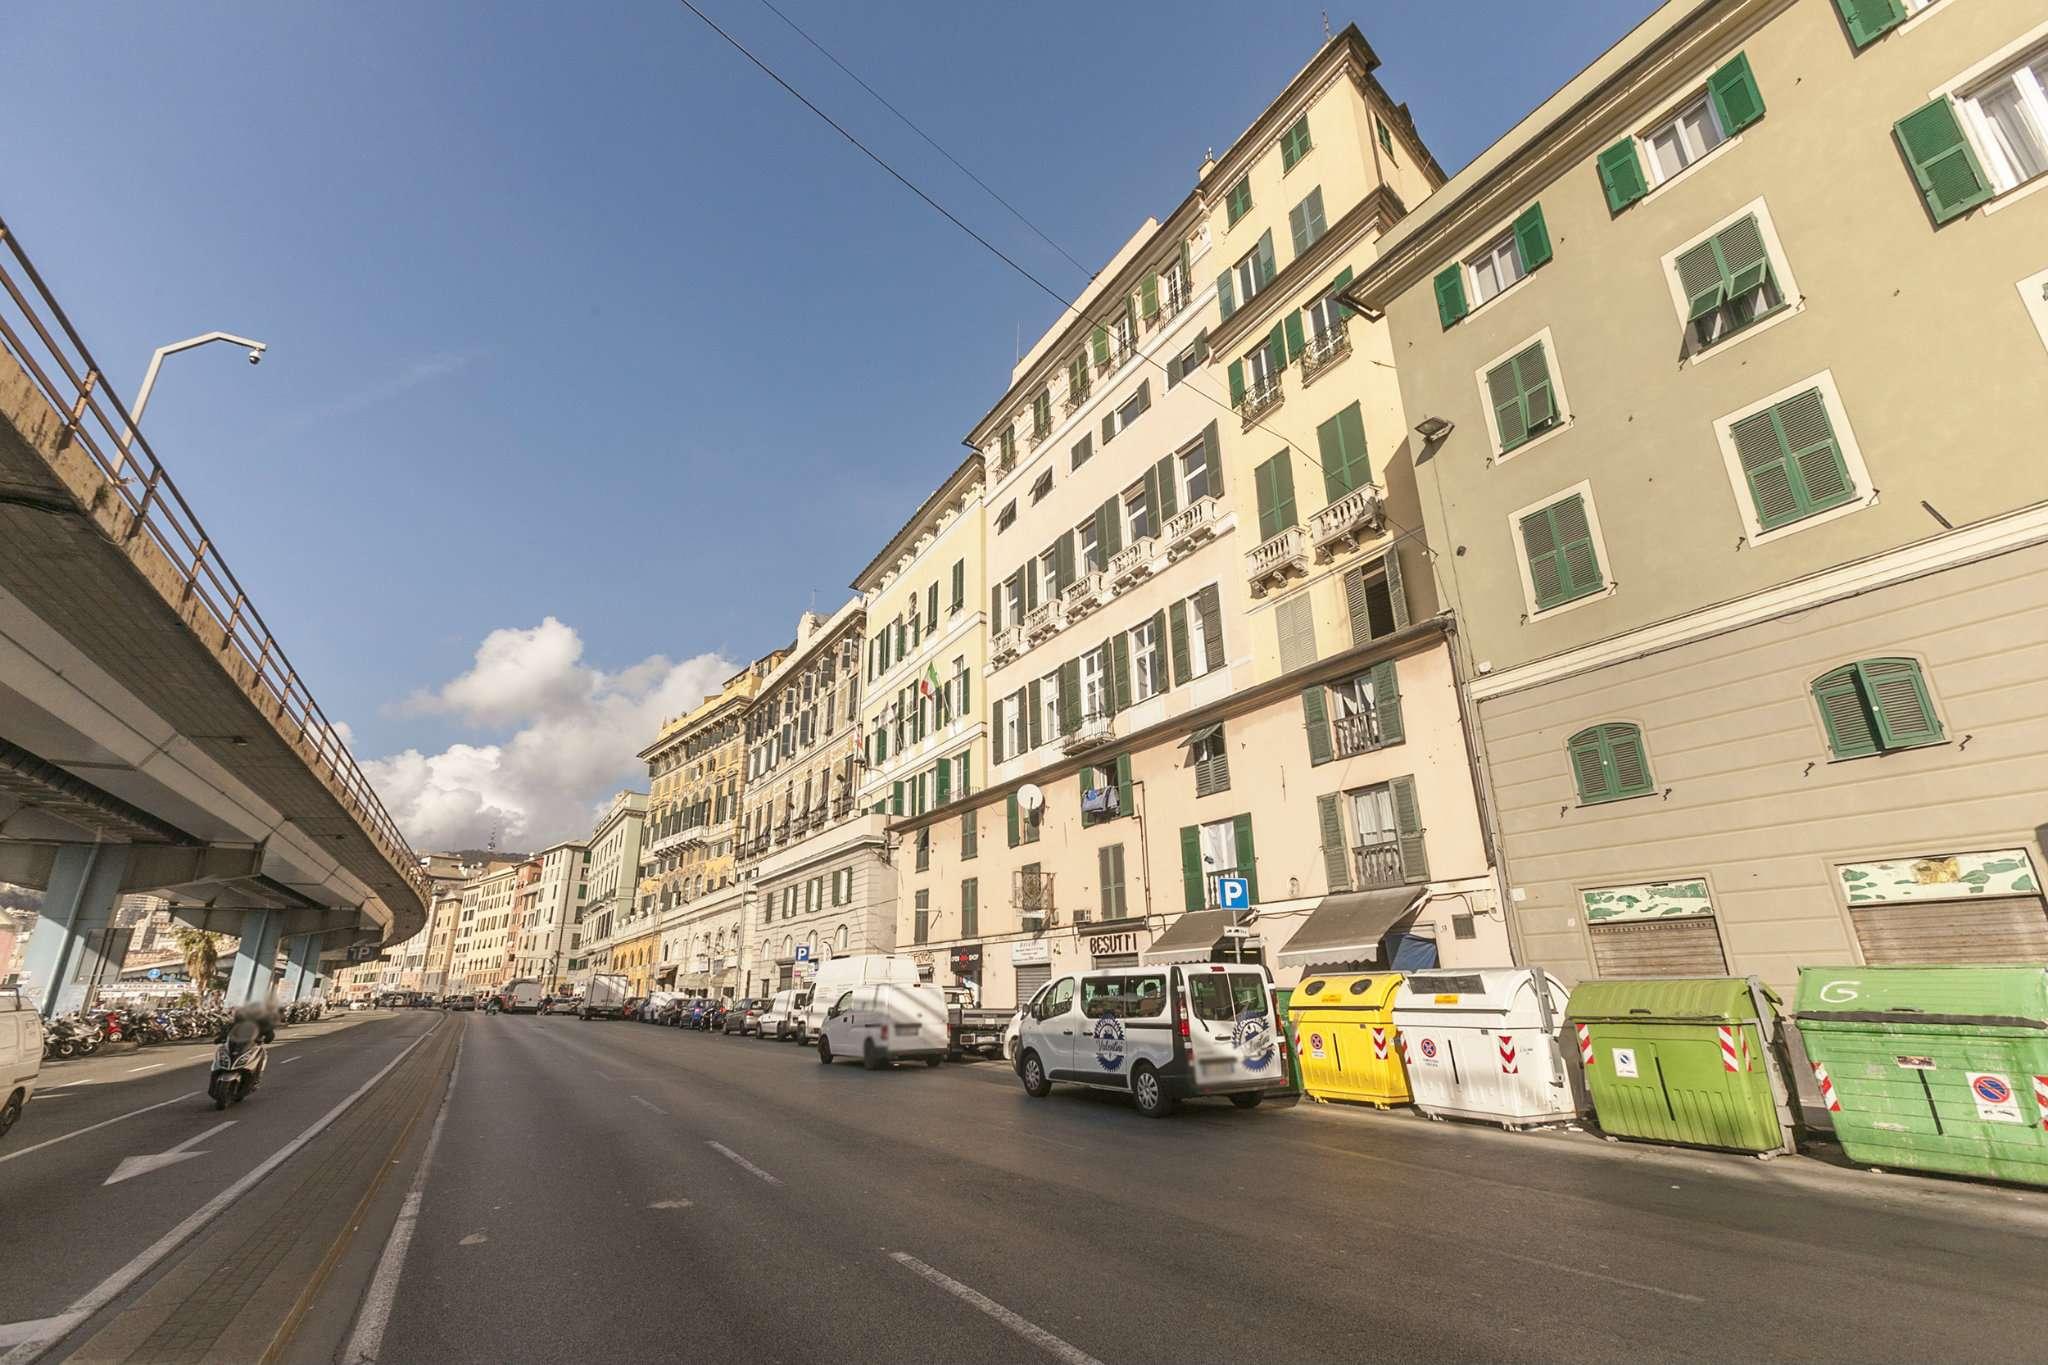 Foto 25 di Loft piazza san marcellino 2, Genova (zona Centro, Centro Storico)